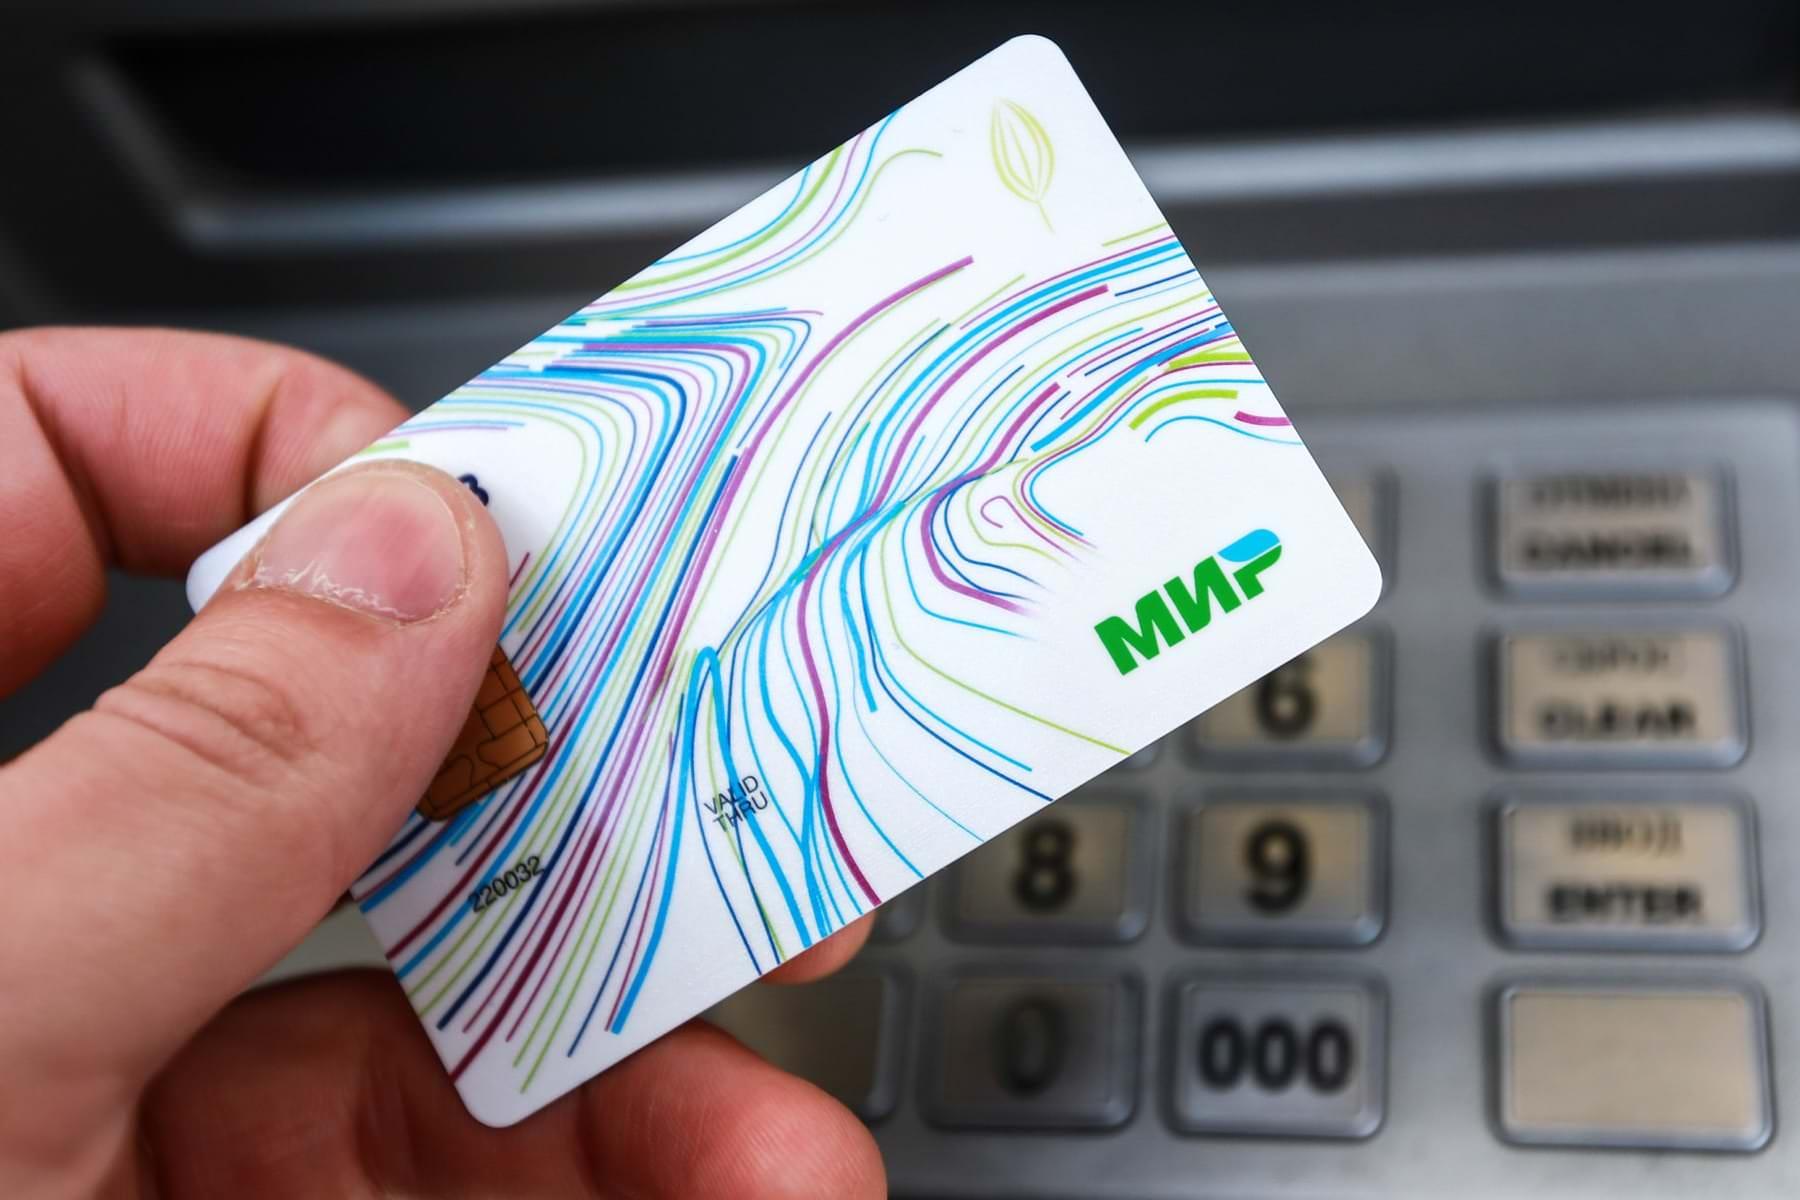 С 1 июля 2021 года пенсии и пособия будут зачисляться только на карту «Мир». Карты других платежных систем — например Visa и Mastercard — больше не подойдут.